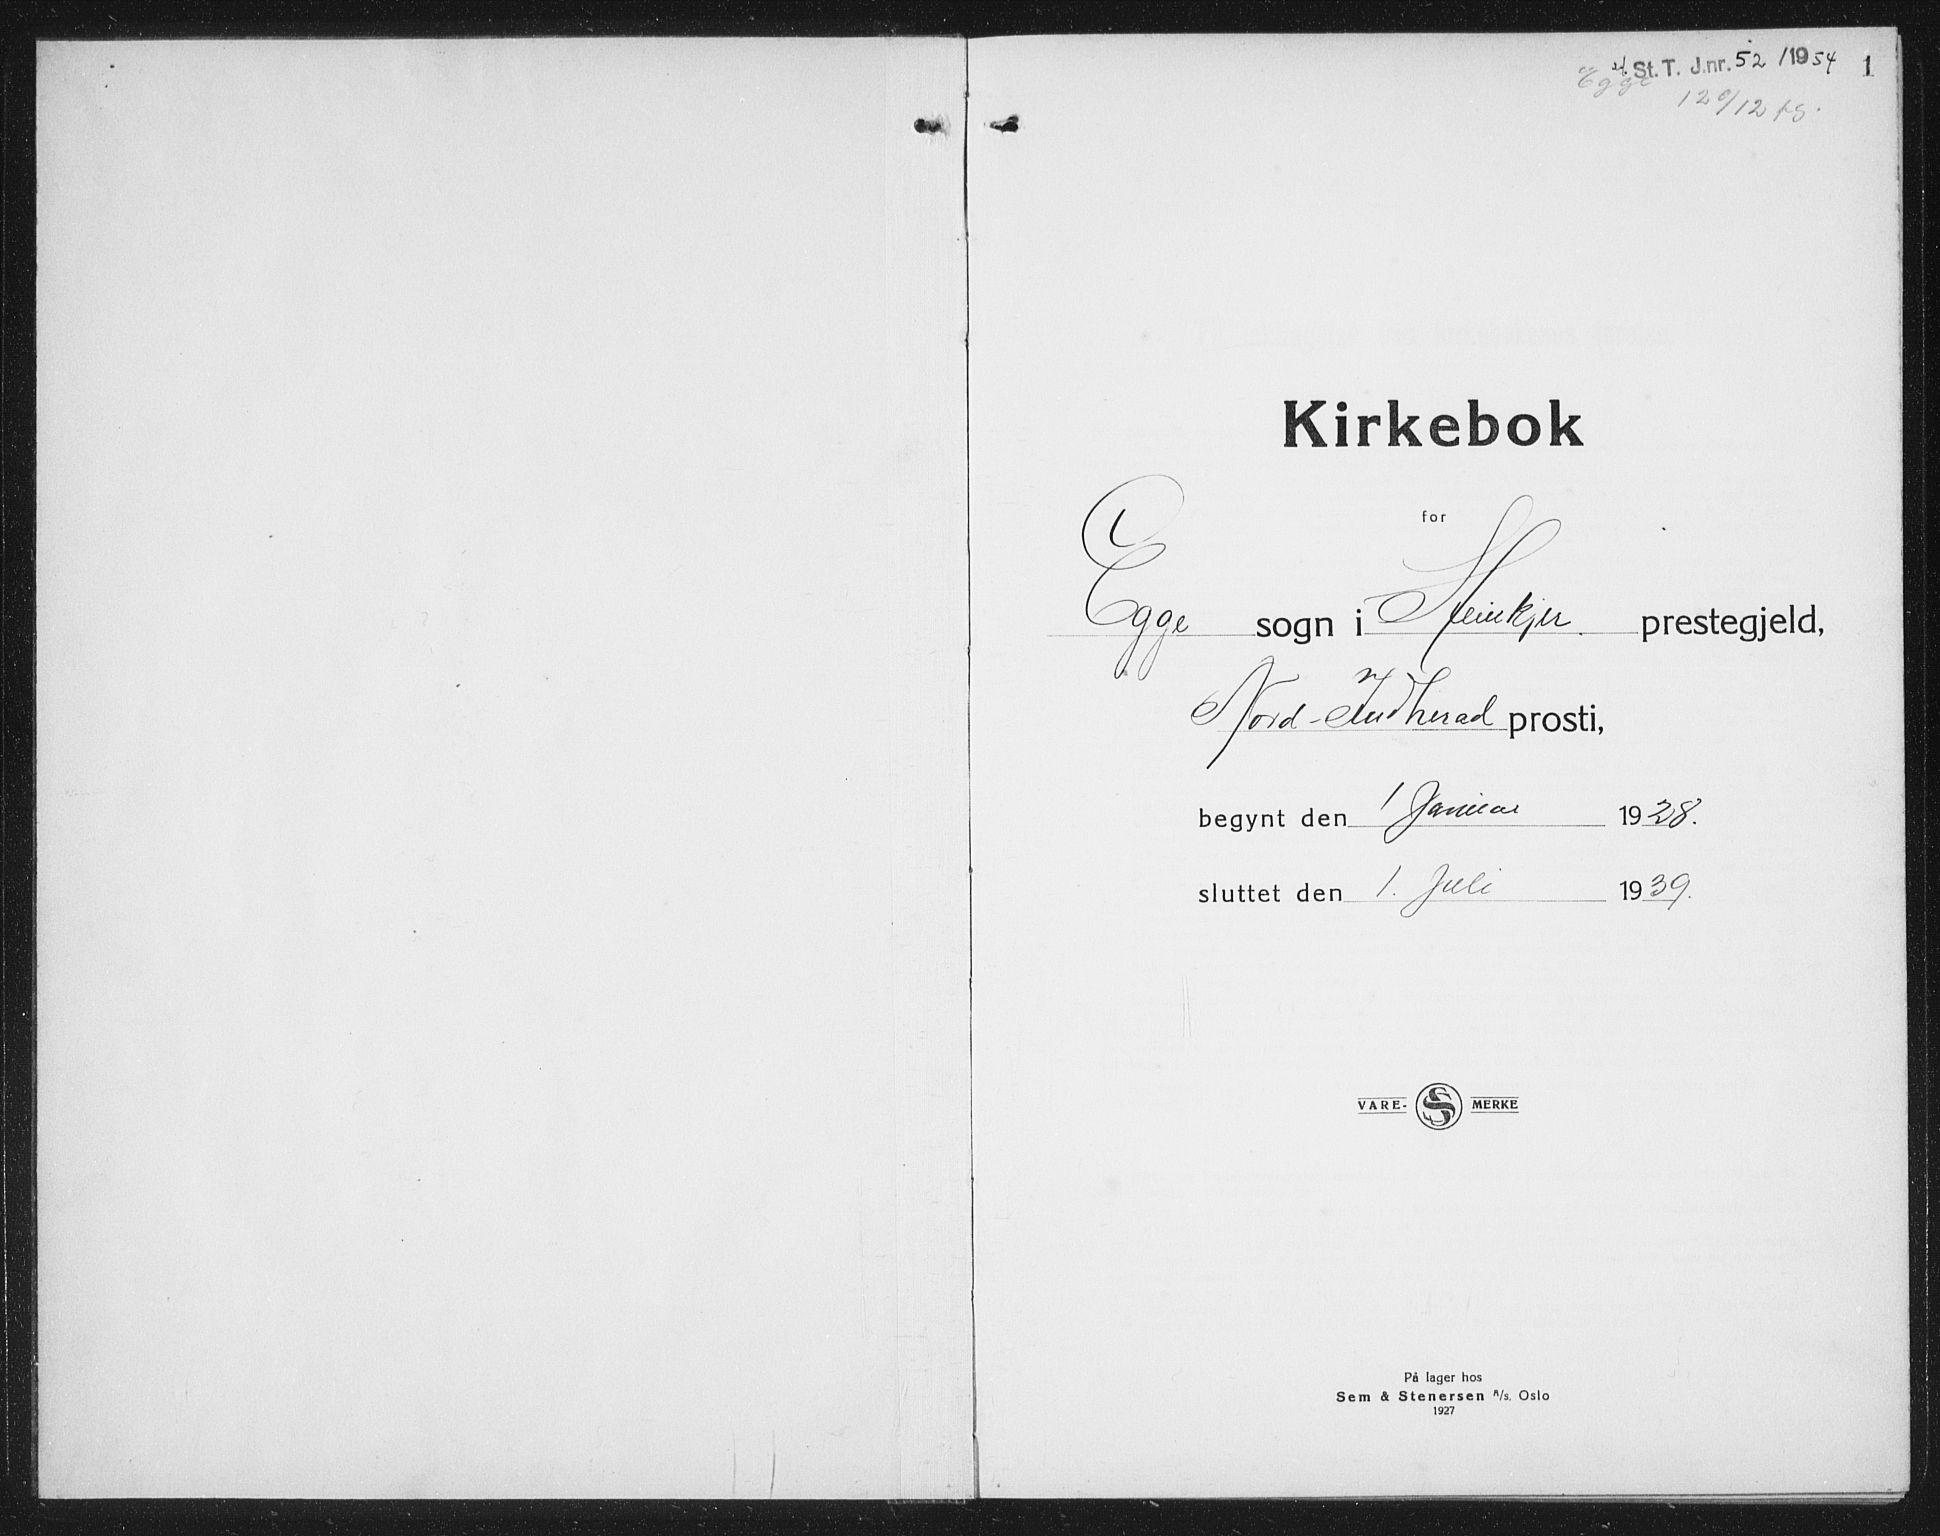 SAT, Ministerialprotokoller, klokkerbøker og fødselsregistre - Nord-Trøndelag, 740/L0383: Klokkerbok nr. 740C04, 1927-1939, s. 1